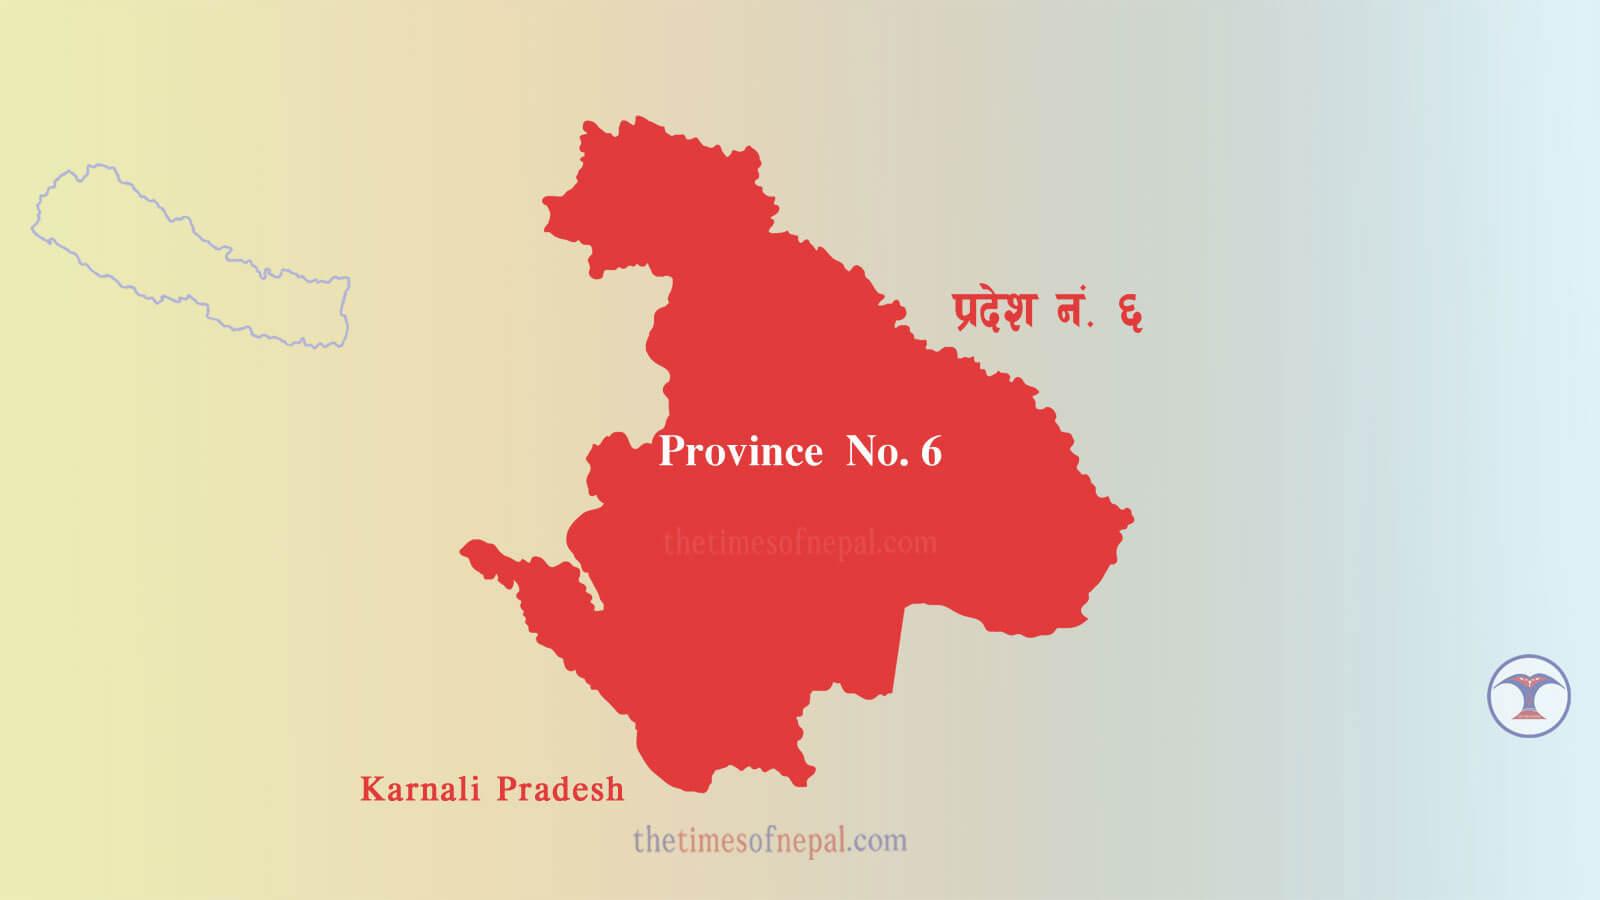 Karnali Pradesh - The Times Of Nepal